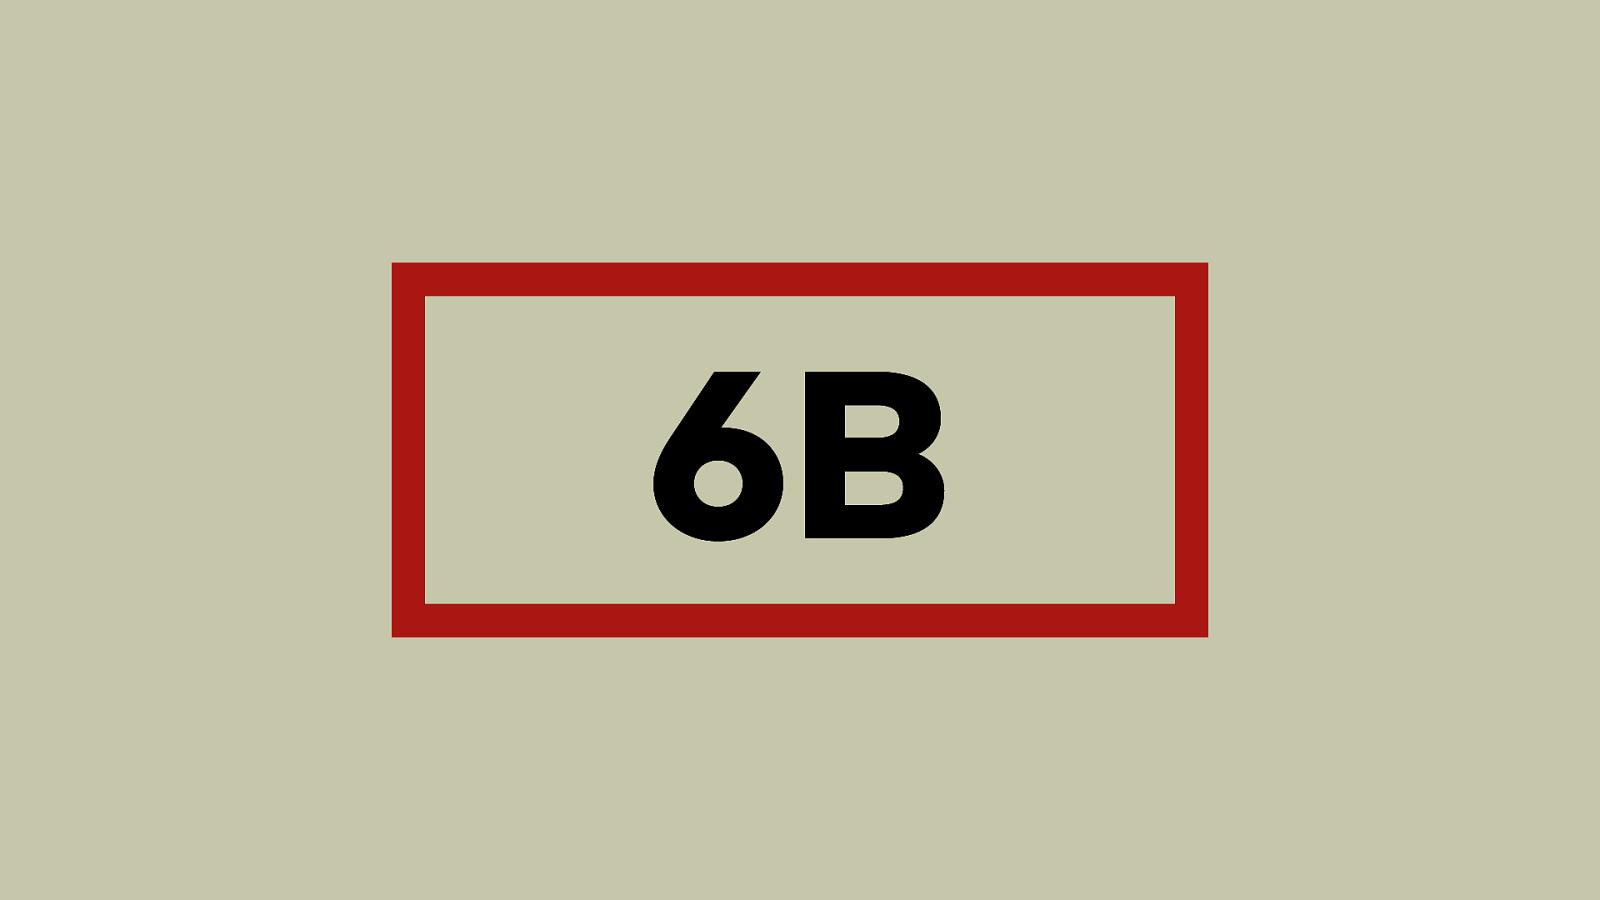 Slide 85